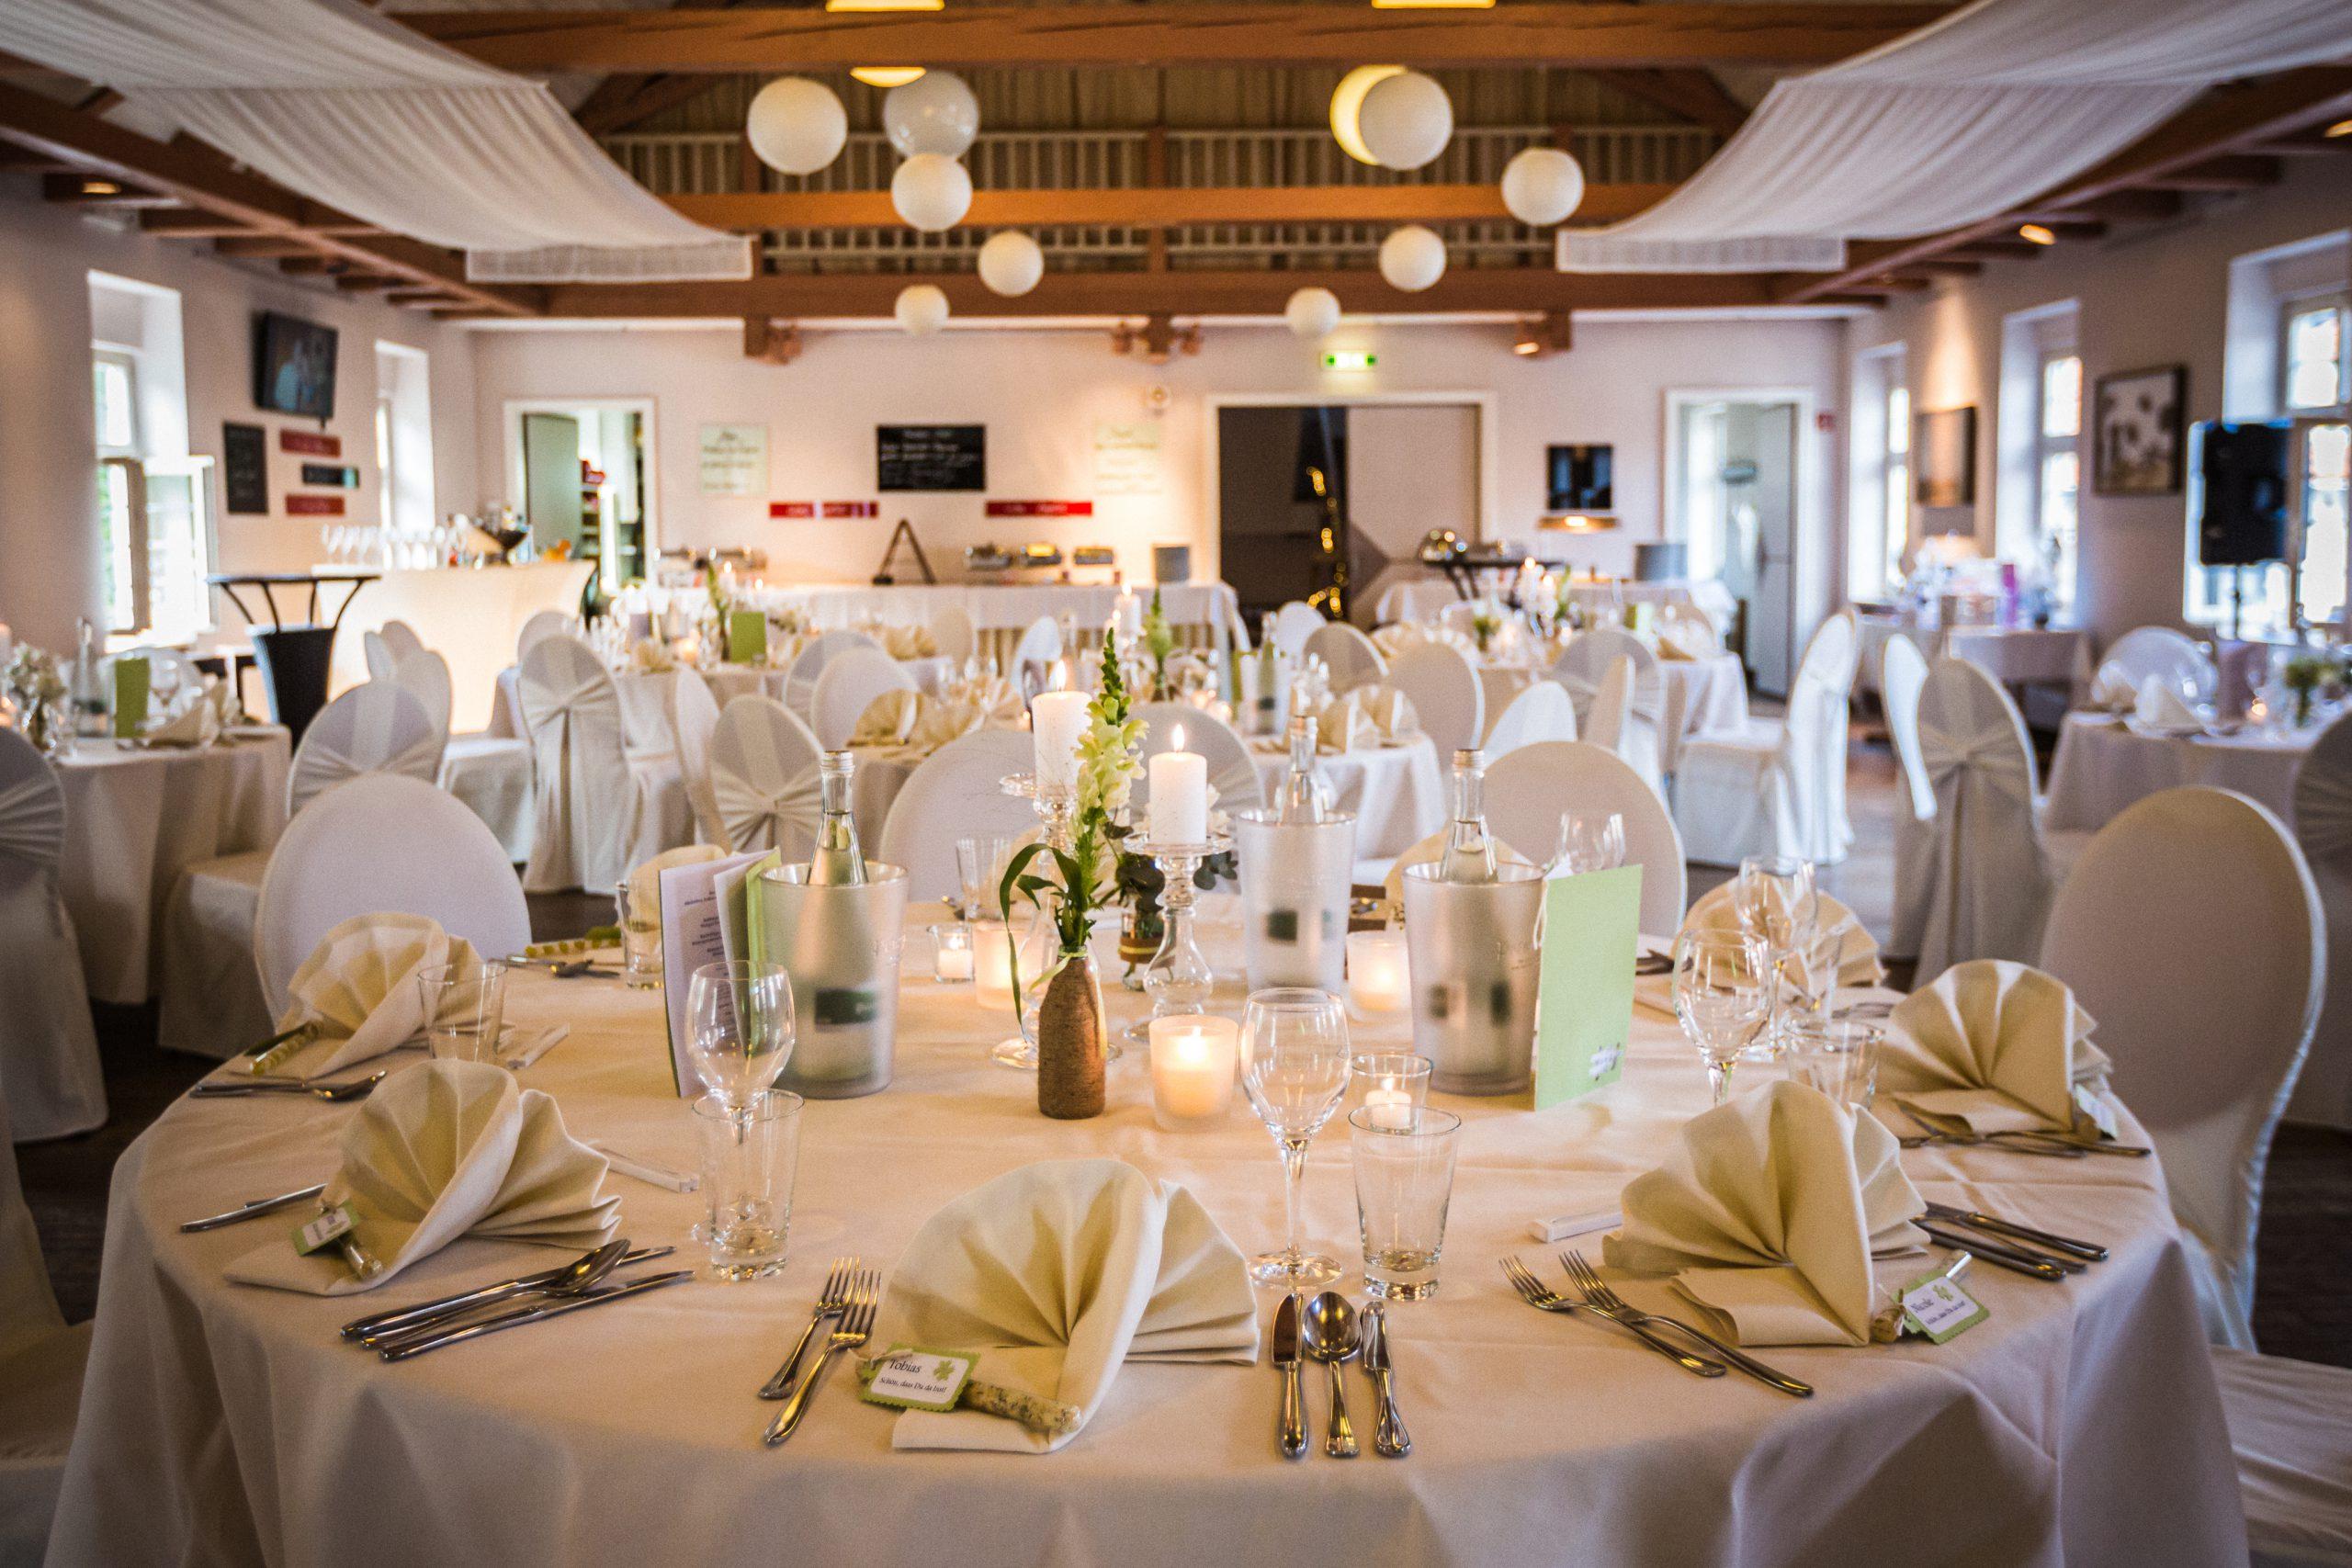 Hochzeitsfeier in der Hammermühle imd Ratssaal